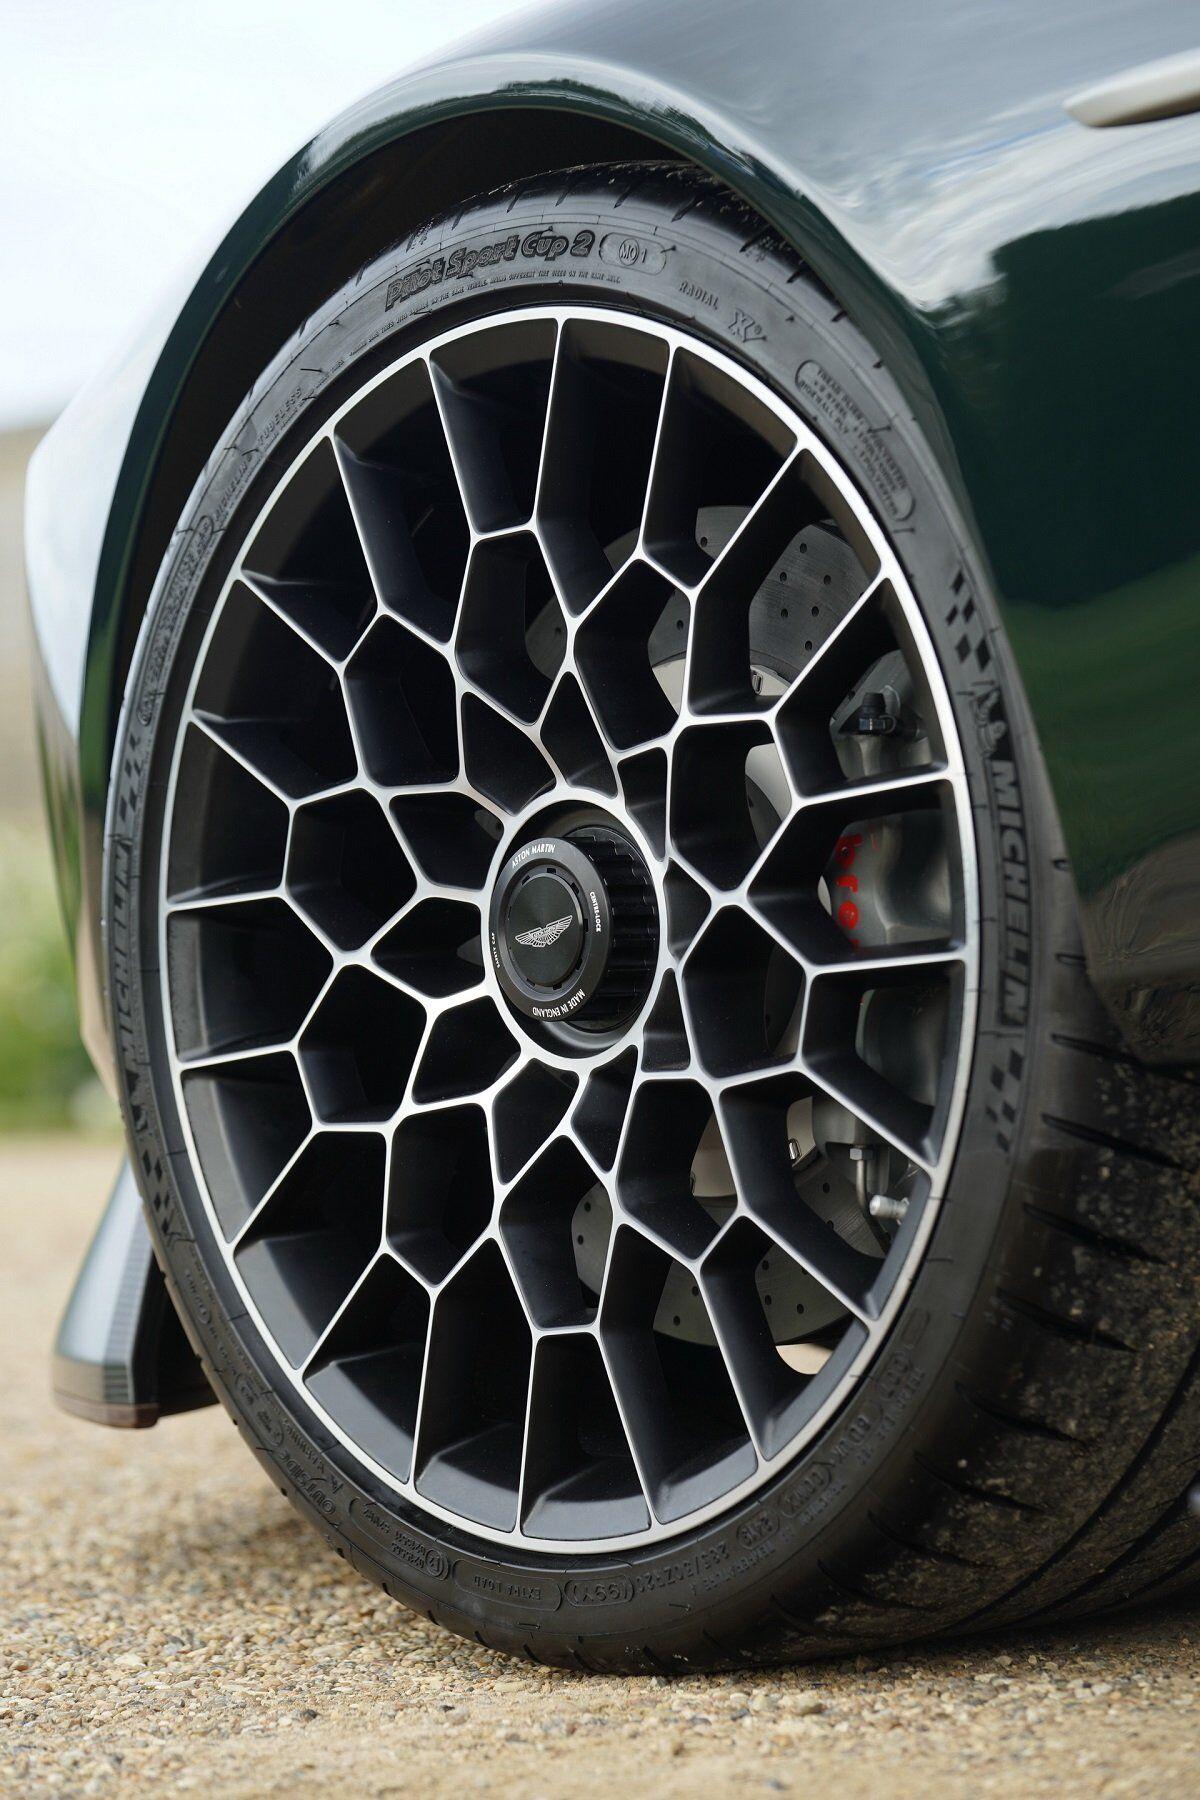 Bánh xe sử dụng công nghệ khóa trung tâm, trong khi phanh carbon-ceramic có đường kính 380mm ở phía trước và 360 mm ở phía sau